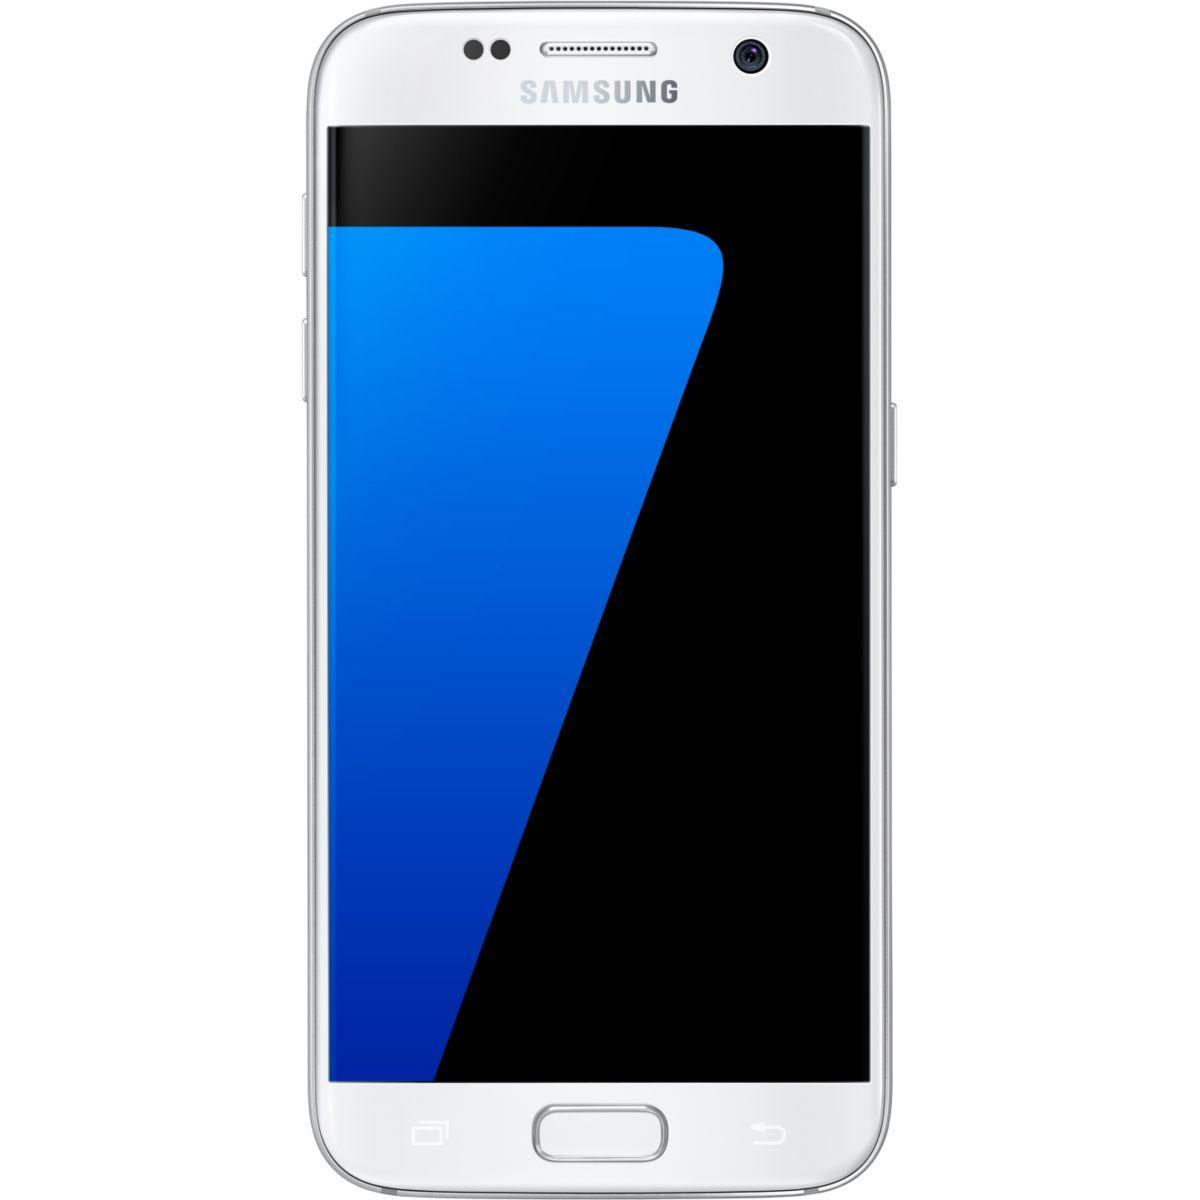 Pack promo smartphone samsung galaxys732 go blanc + chargeur samsung pad induction stand noir - soldes et bonnes affaires à prix imbattables